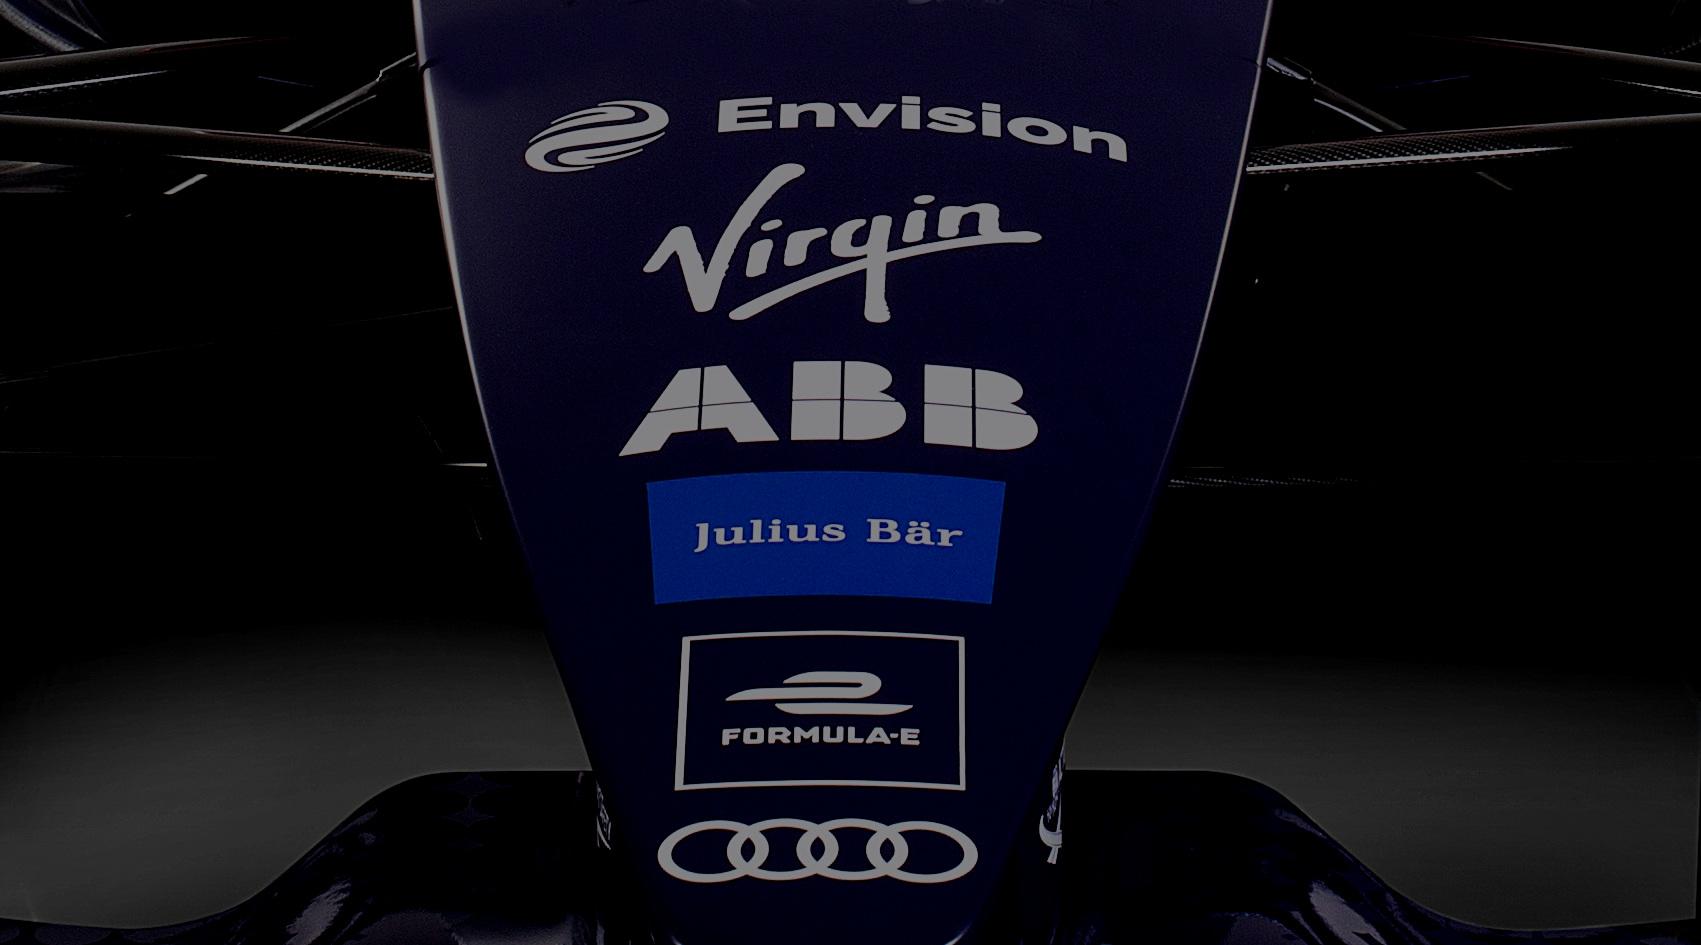 维珍FE车队新赛季使用奥迪客户赛车参赛